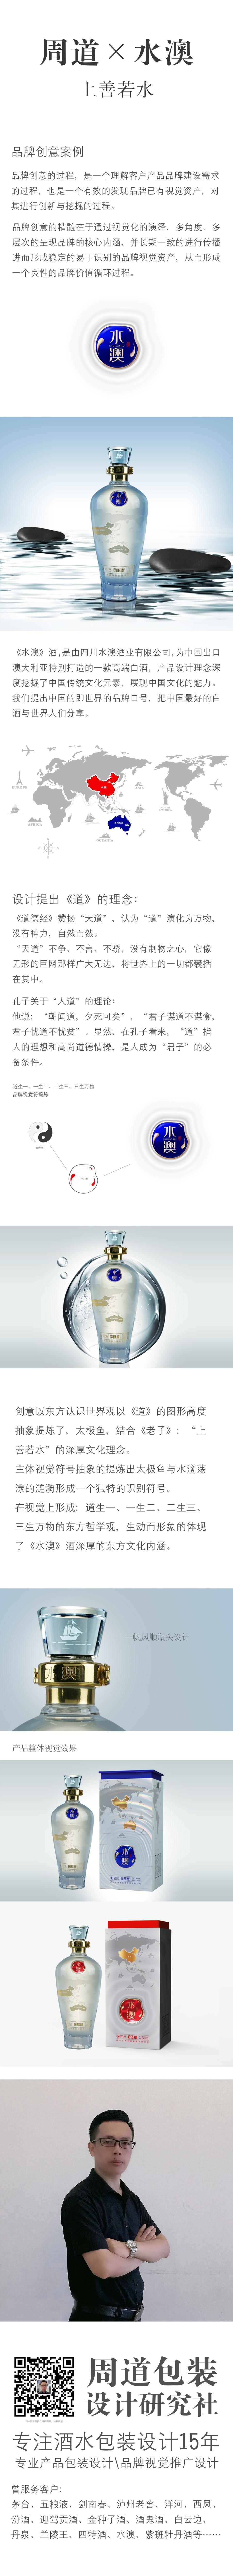 周道创意x水澳品牌包装